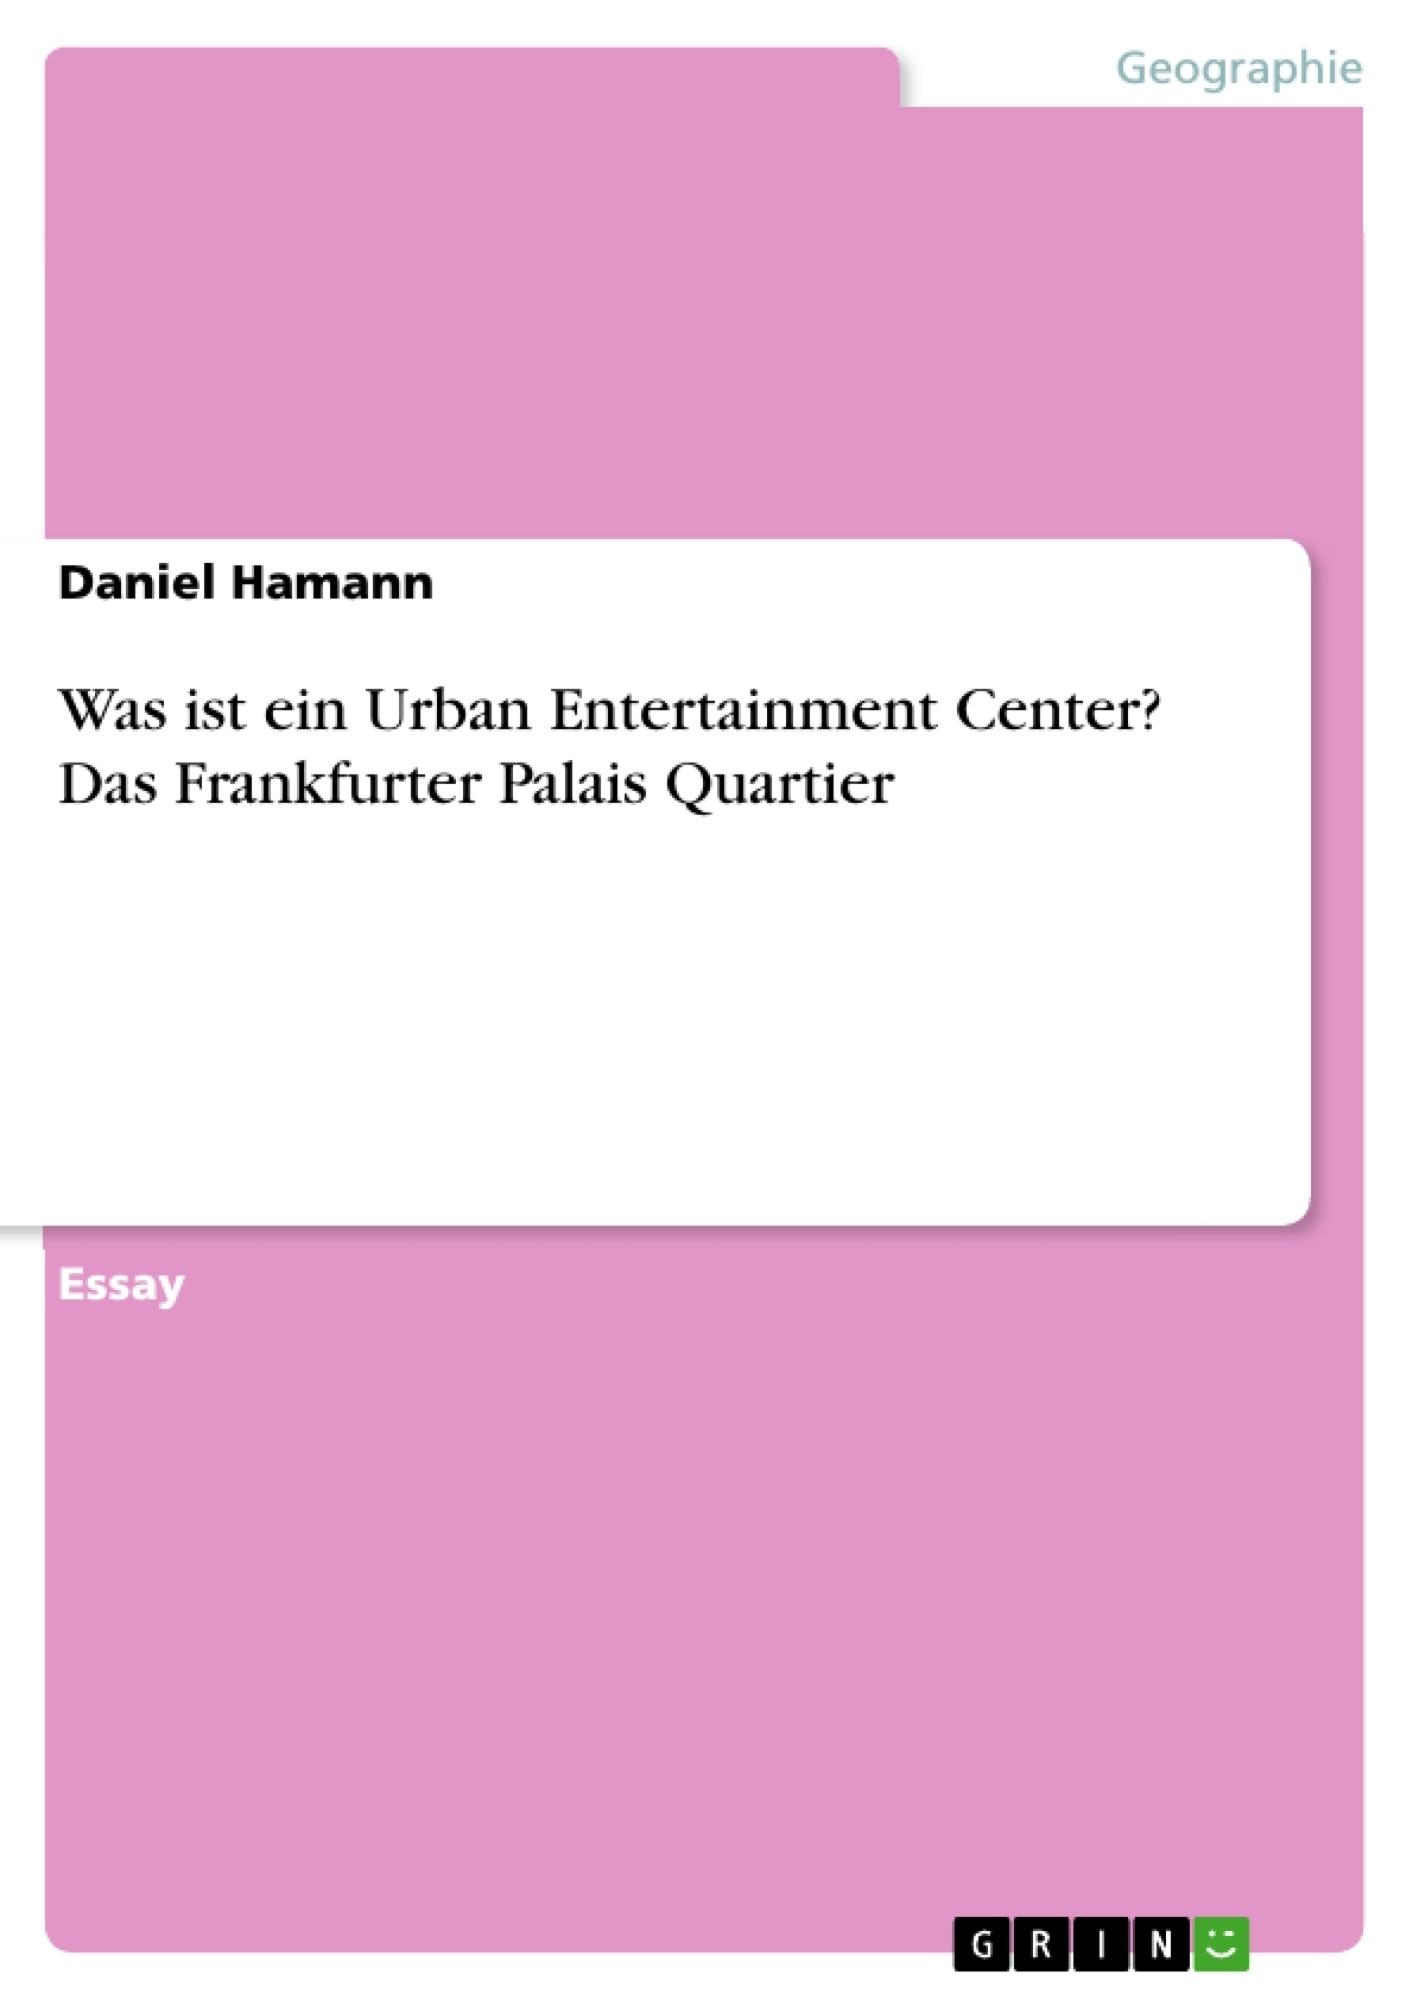 Titel: Was ist ein Urban Entertainment Center? Das Frankfurter Palais Quartier